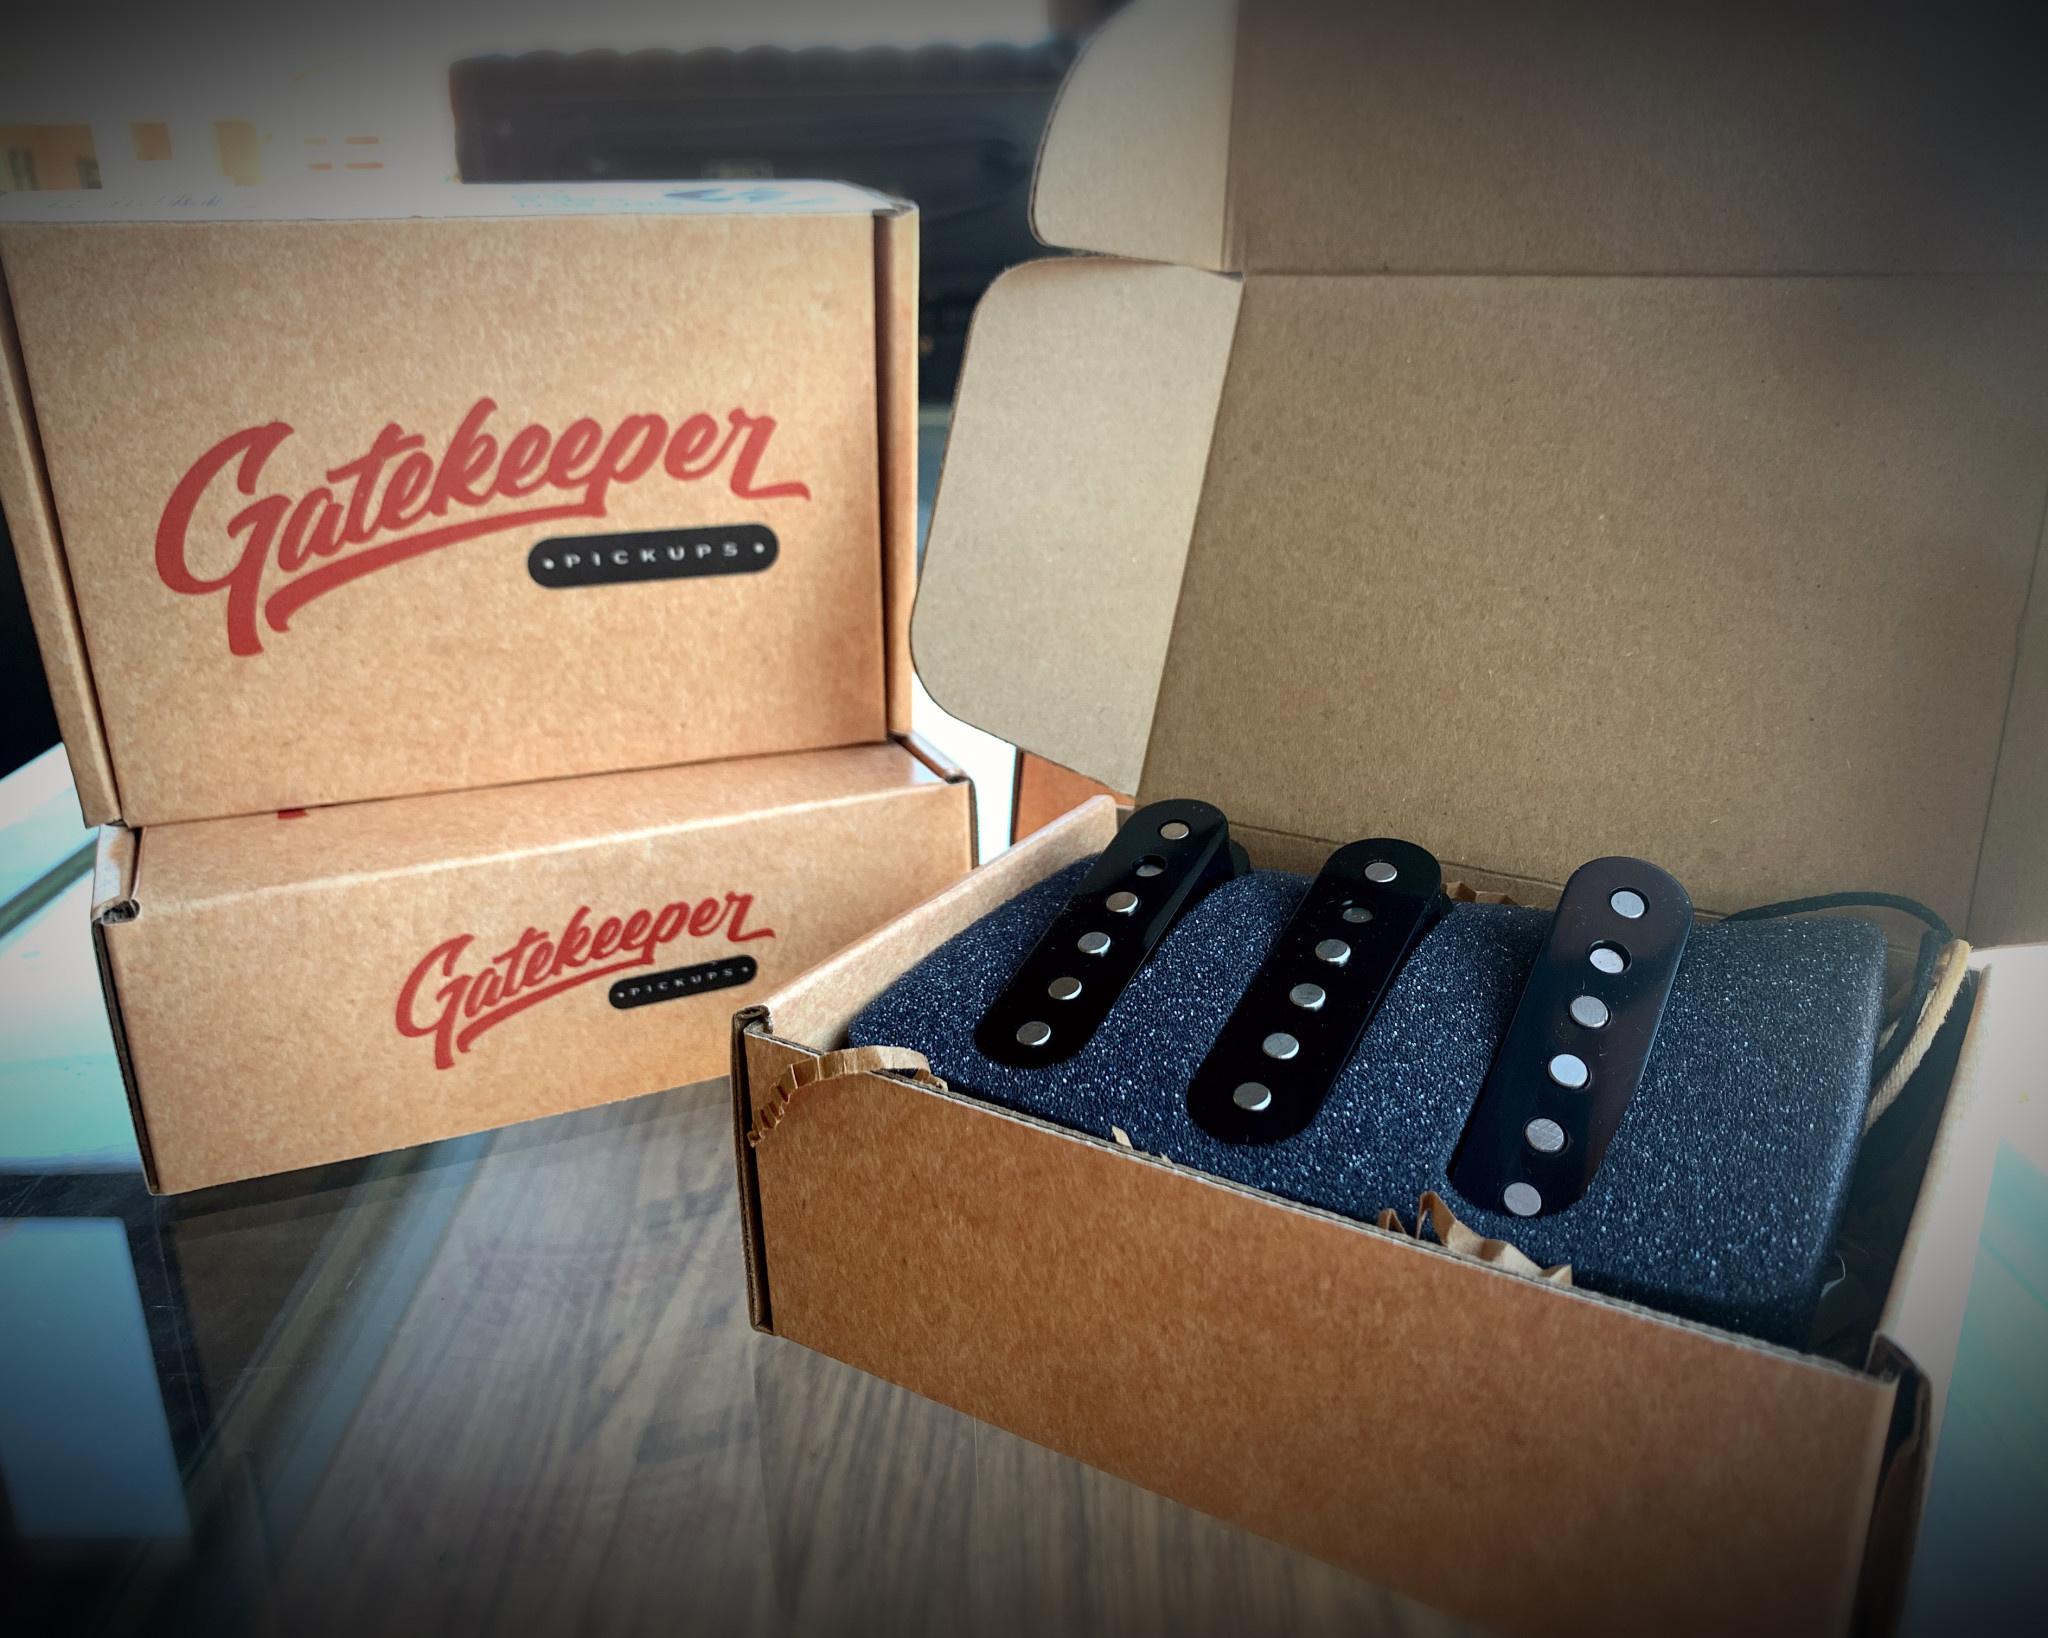 Gatekeeper Pickups Stratocaster Set of 2 - GKP-S-1